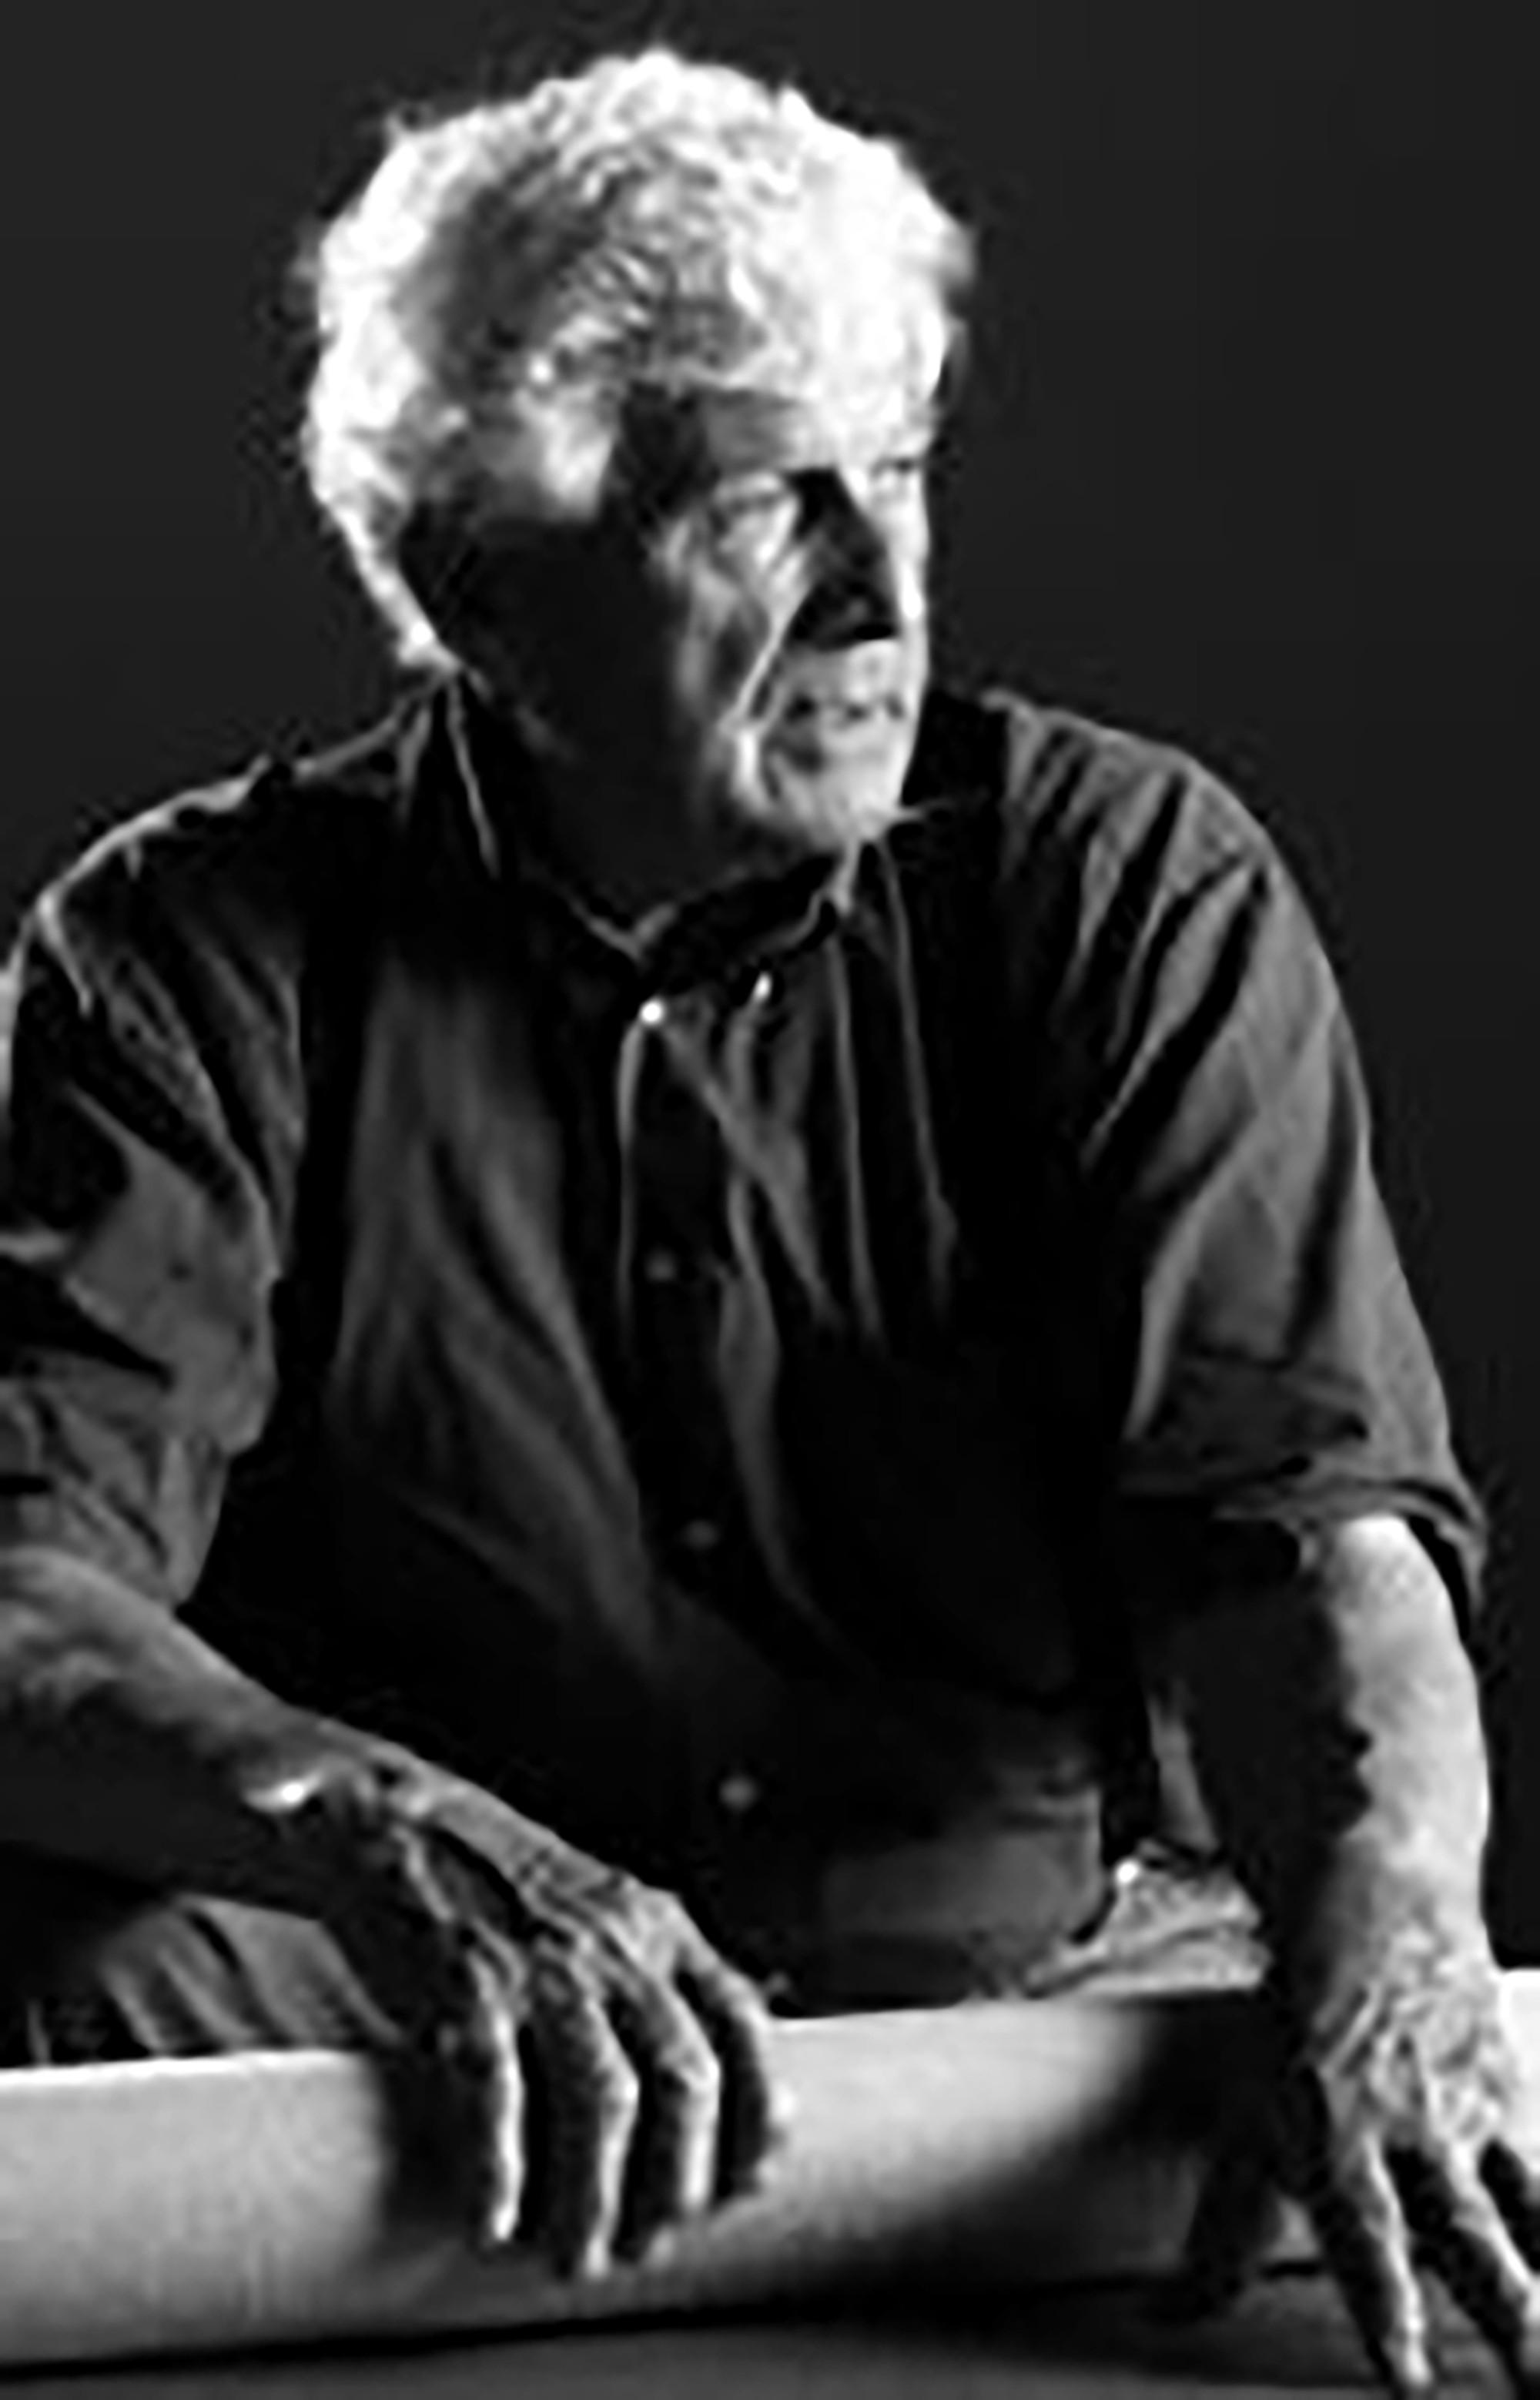 Alessio Tasca (1929-)